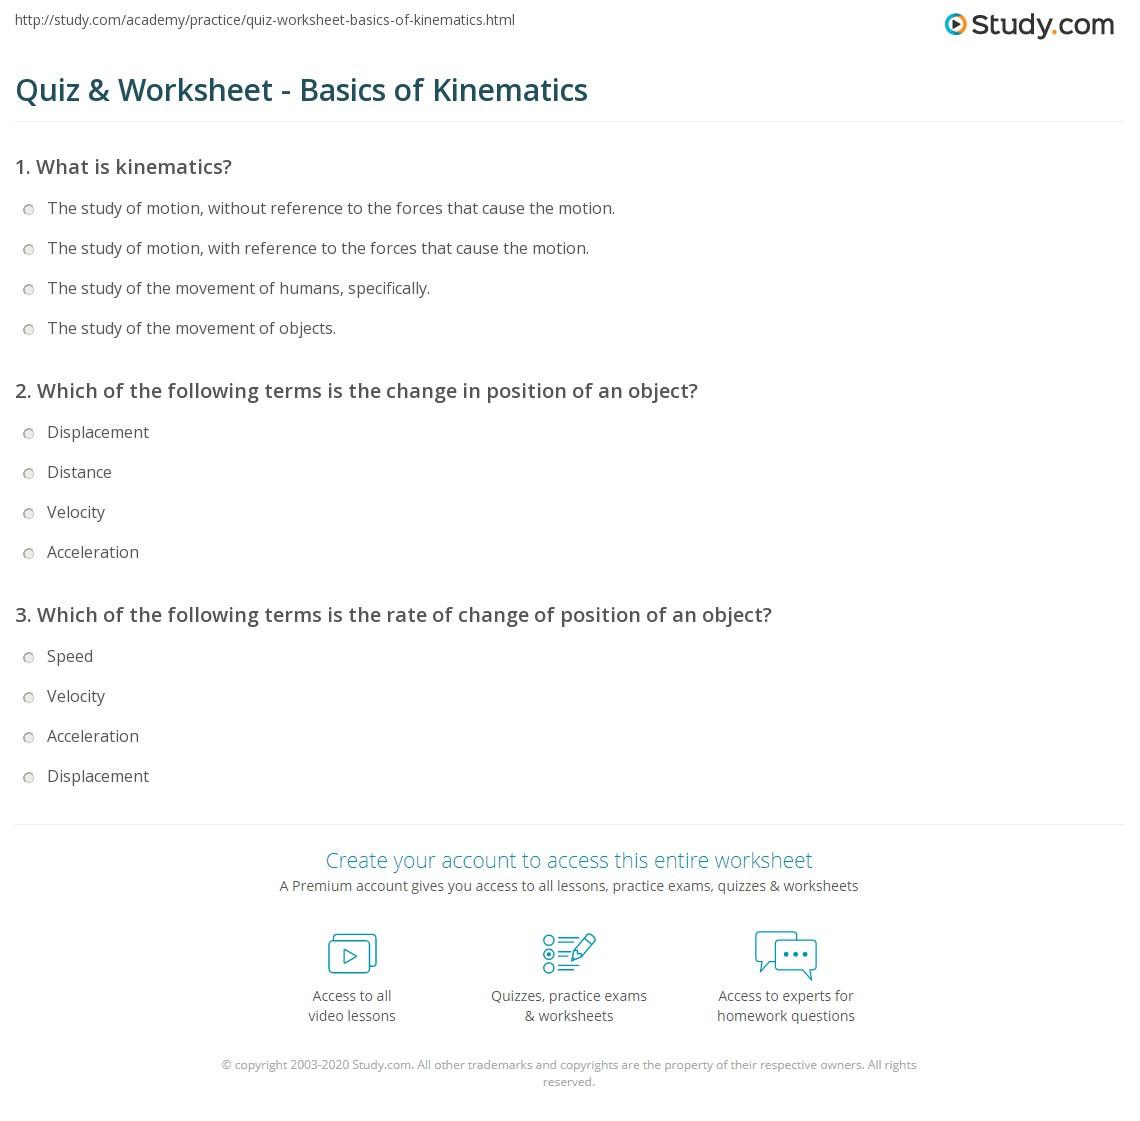 Kinematics Worksheet with Answers Quiz & Worksheet Basics Of Kinematics